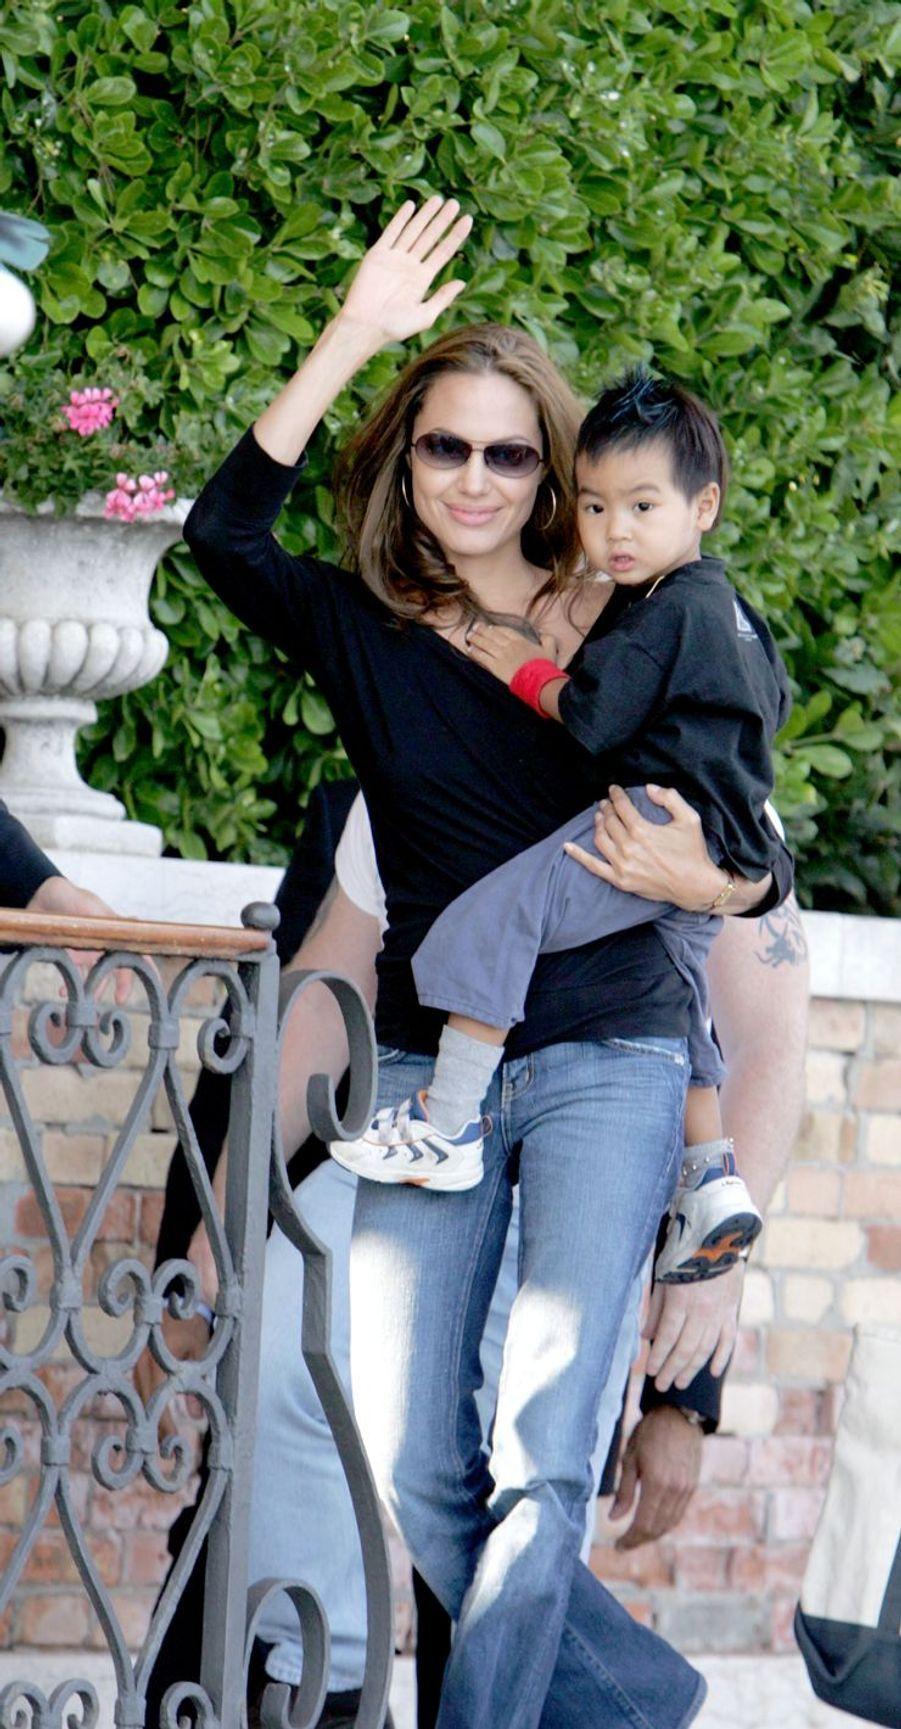 Avant de rencontrer Brad Pitt,Angelina Jolie avait adopté seule le petit Maddox en 2002.